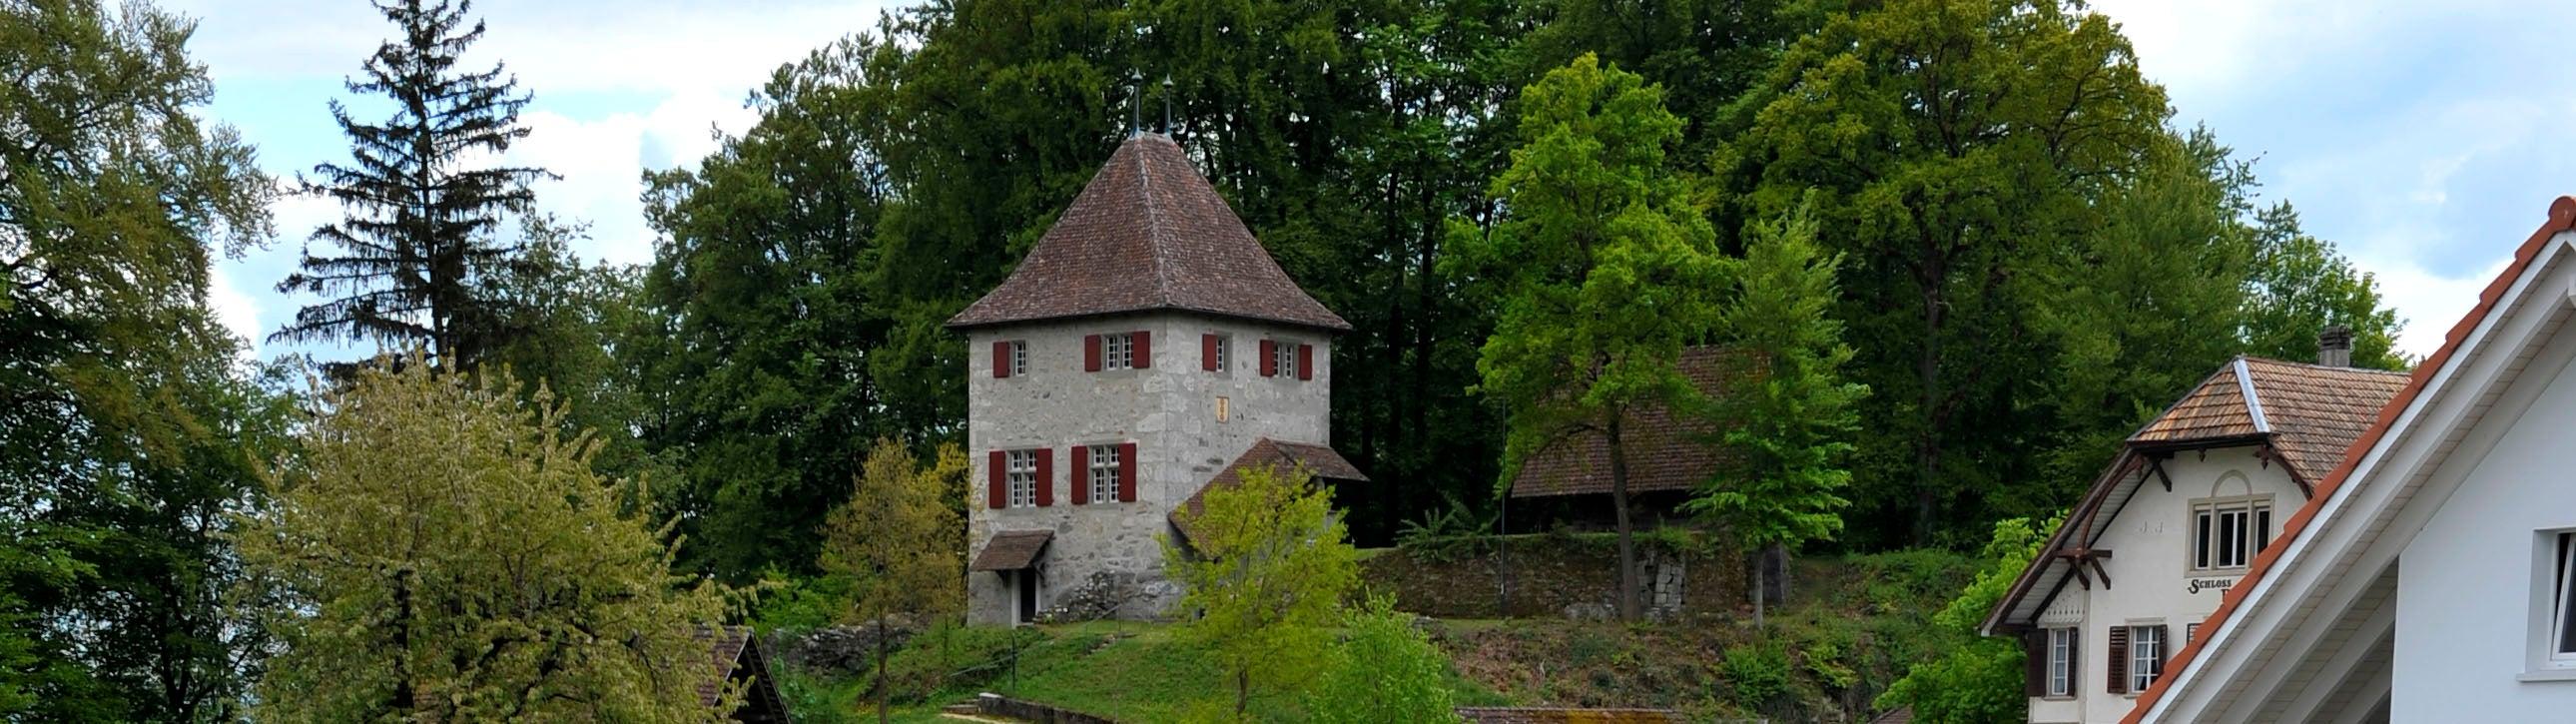 Kyburg - Buchegg